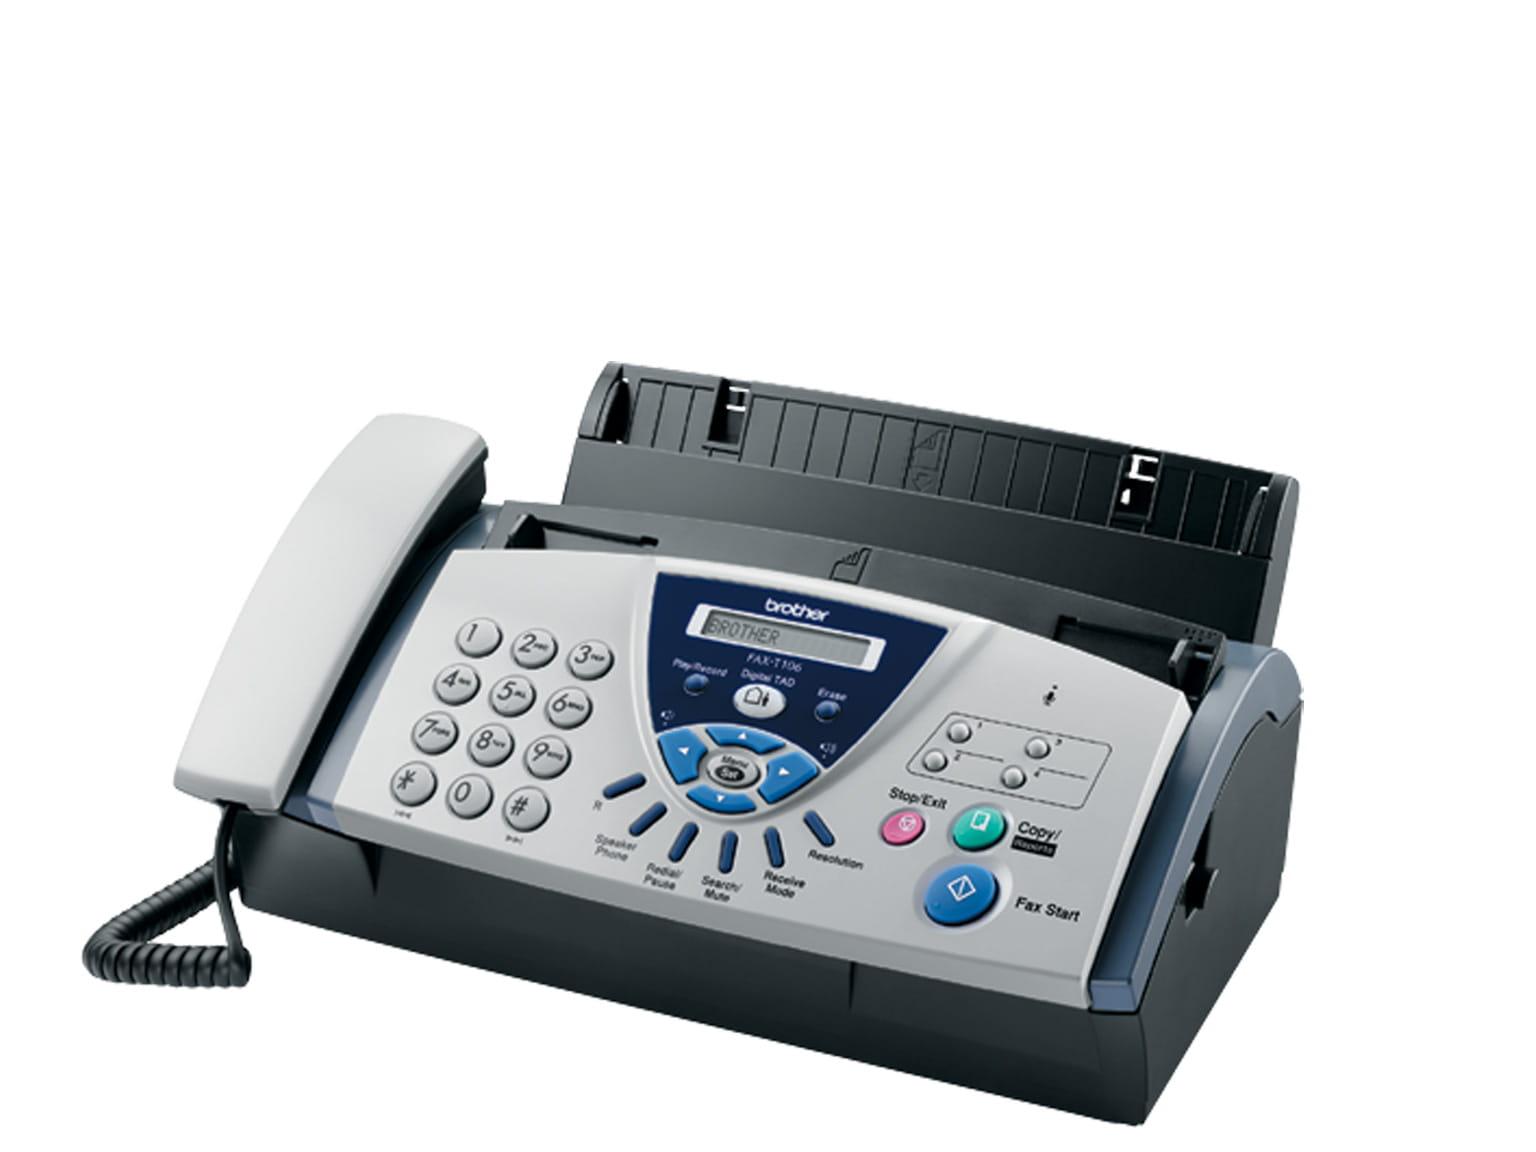 Découvrez les fax thermiques de Brother